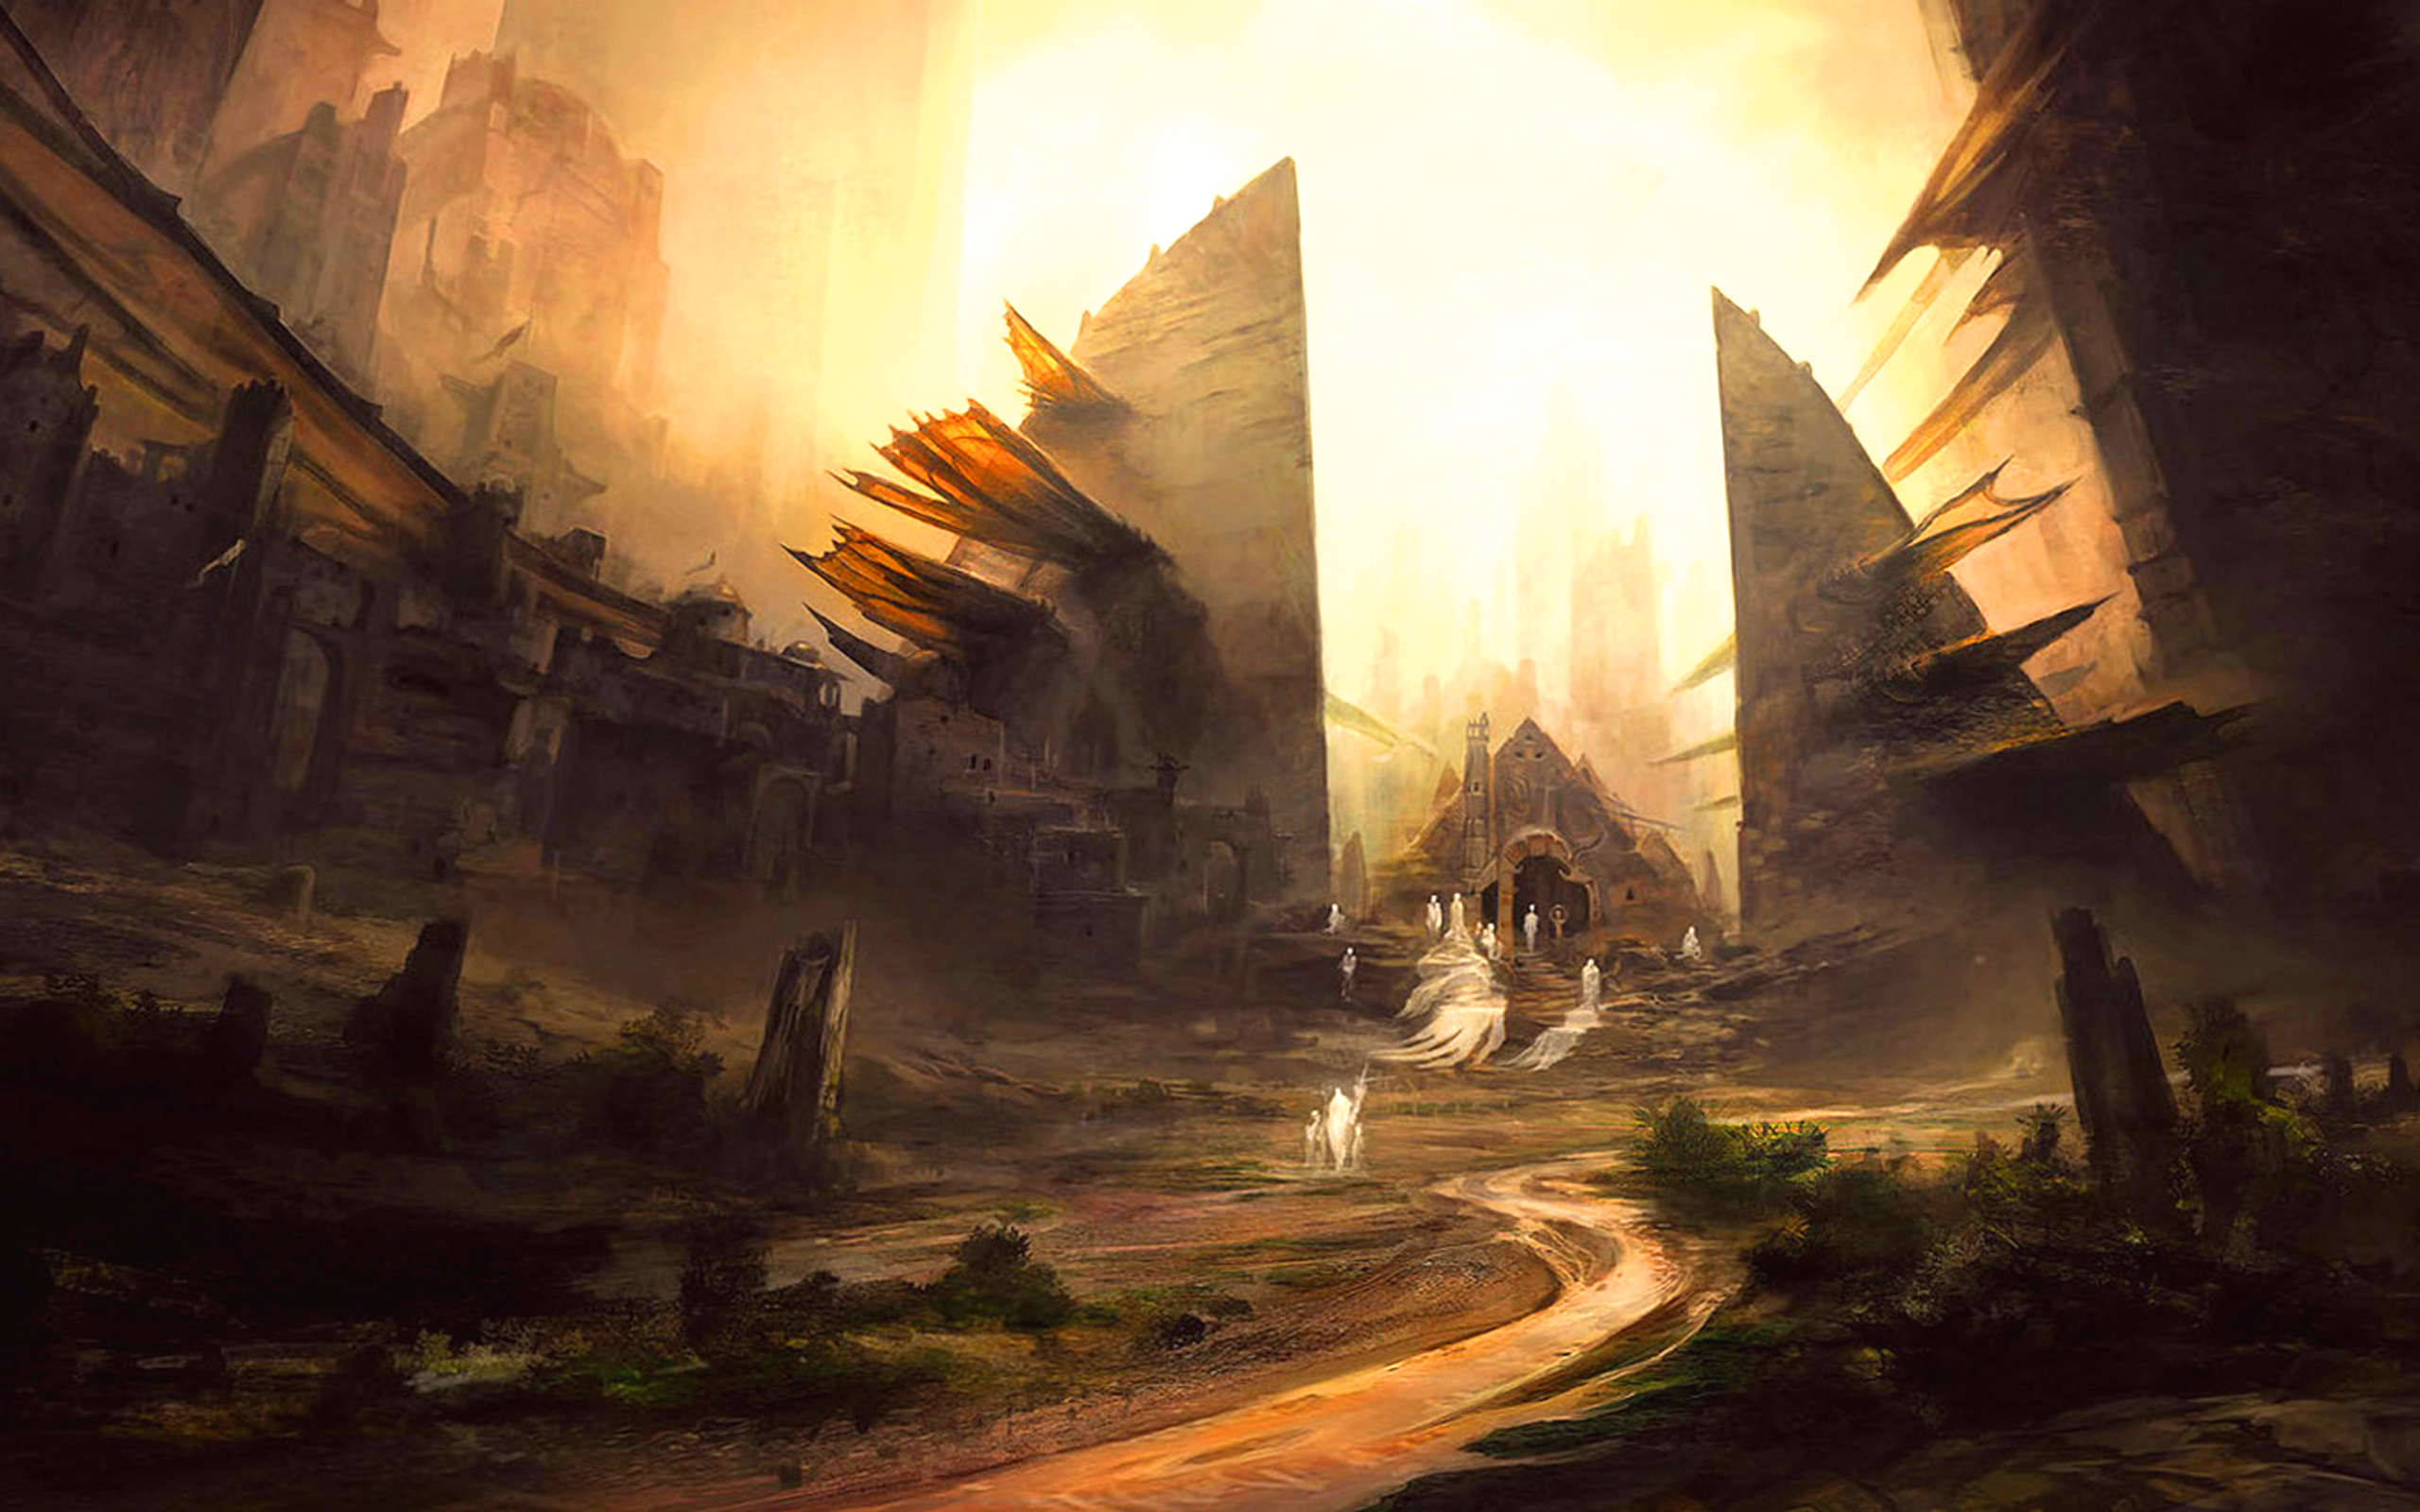 Sombre - Ville  - Fantôme - Ccx Fond d'écran